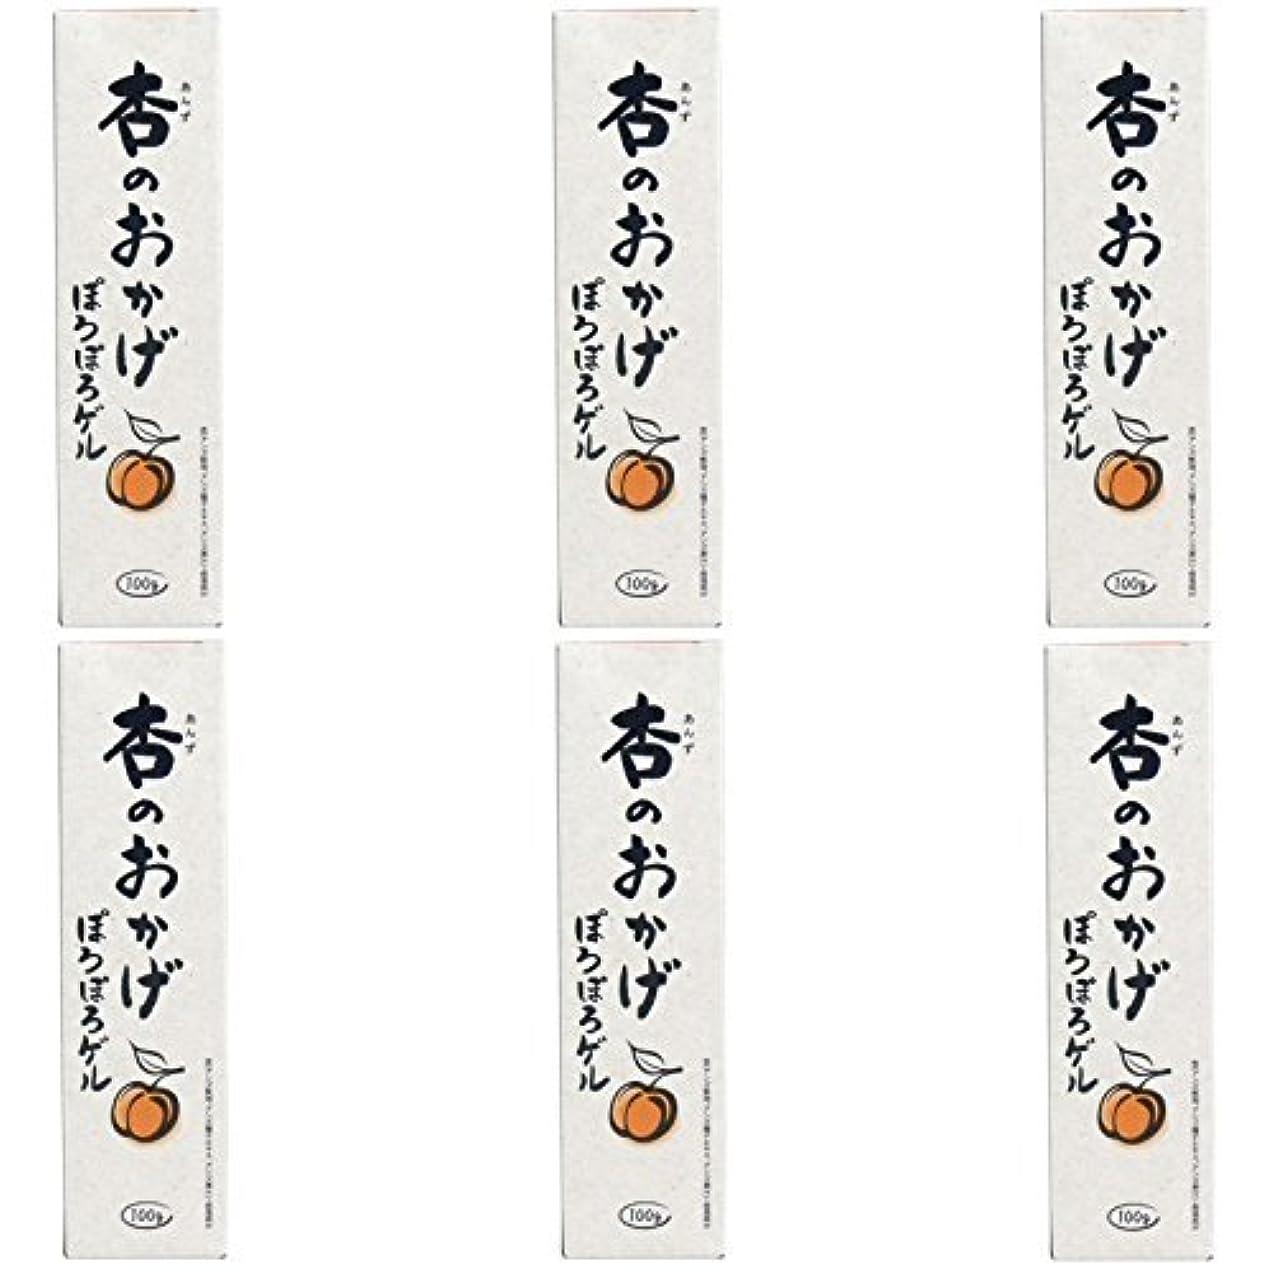 バーゲンフィッティング人気の【まとめ買い】杏のおかげ ぽろぽろゲル 100g【×6個】